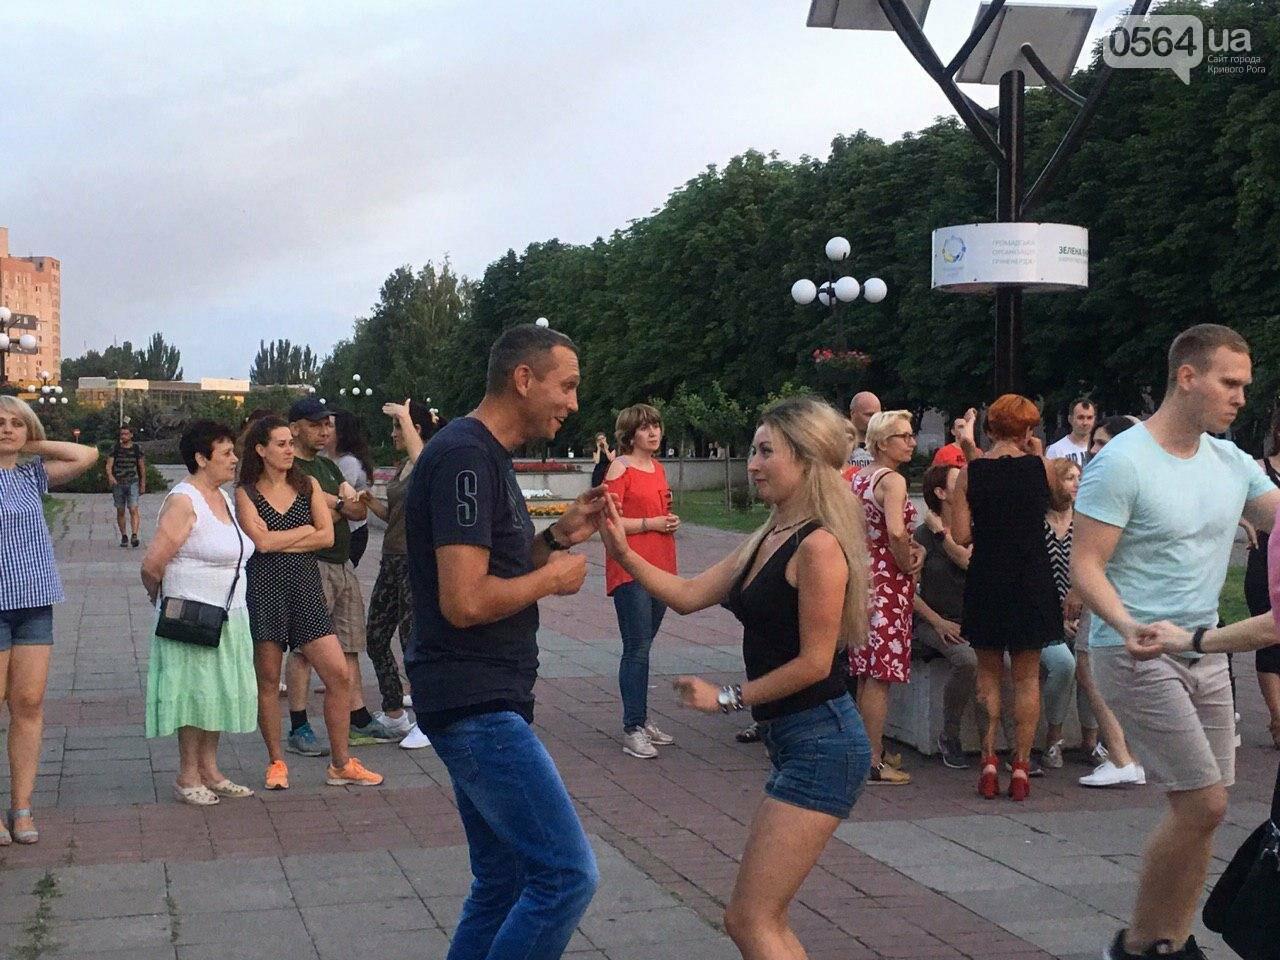 Сальса, бачата, кизомба: в центре города танцоры провели мастер-класс для криворожан, - ФОТО, ВИДЕО , фото-4